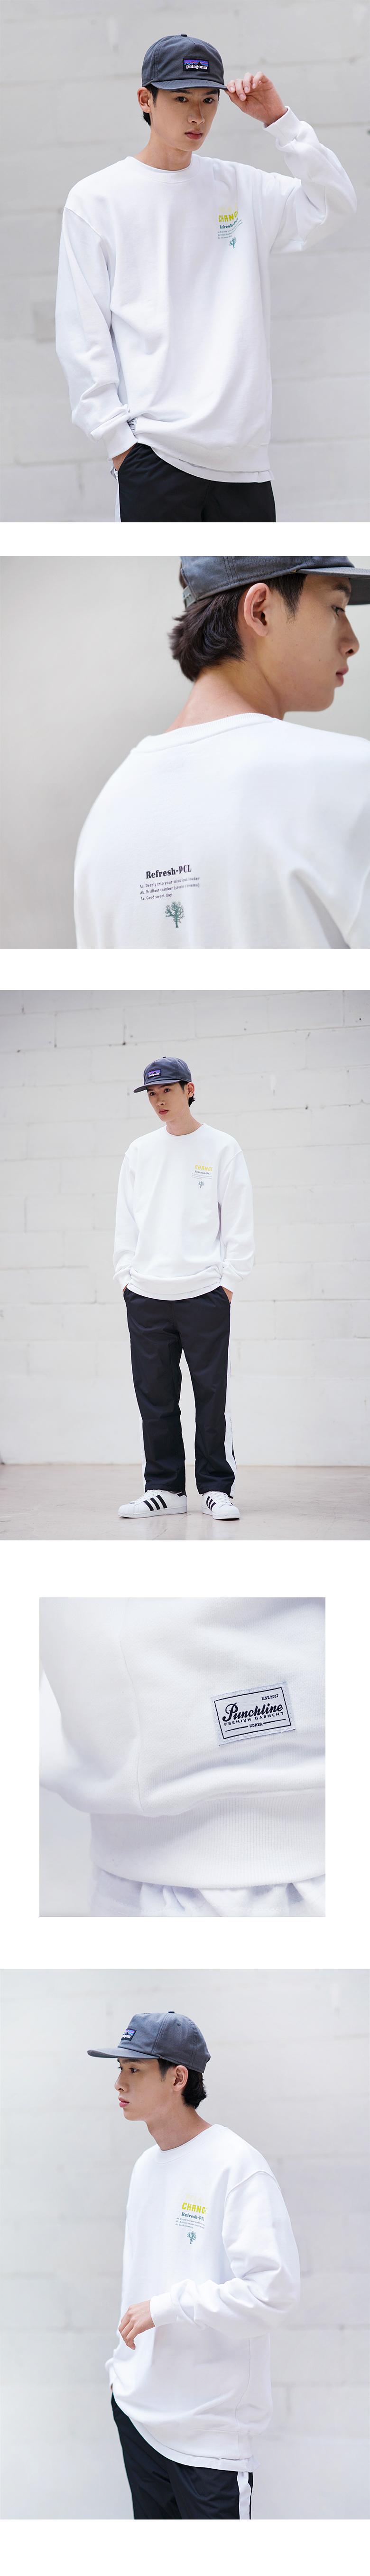 KHMT6148_model_white.jpg